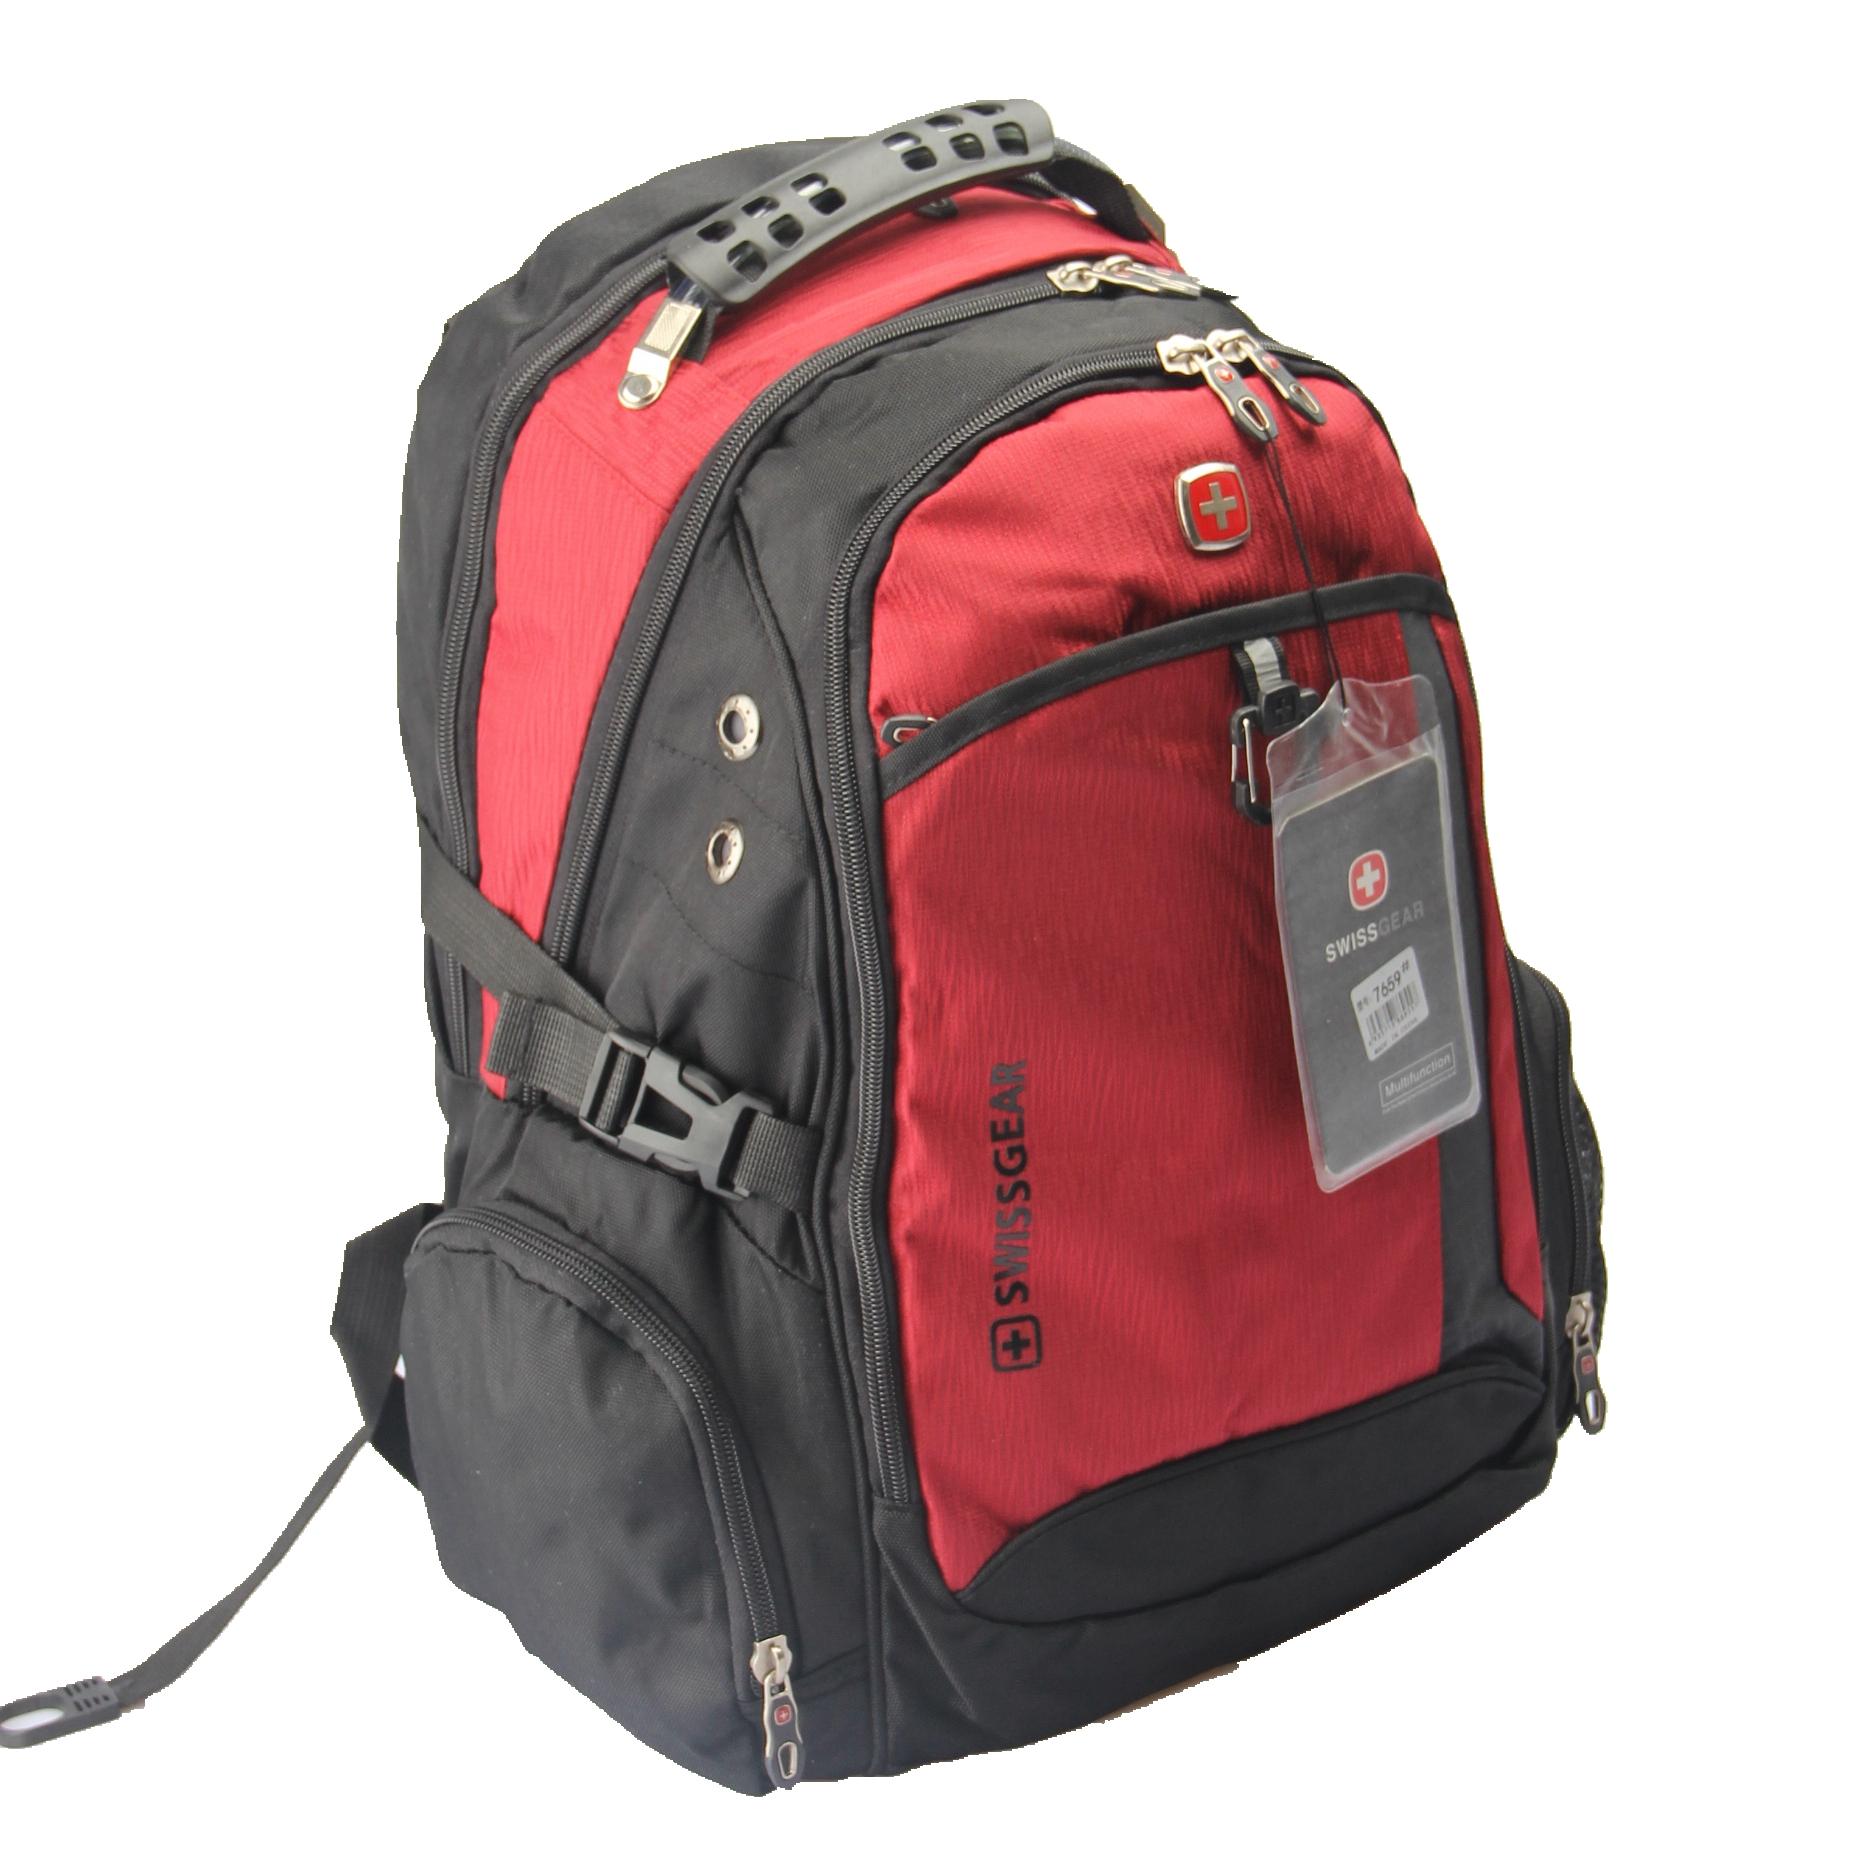 eb8dd15394a7 Аксессуары, Сумки, чемоданы, рюкзаки   Товары на совместной покупке